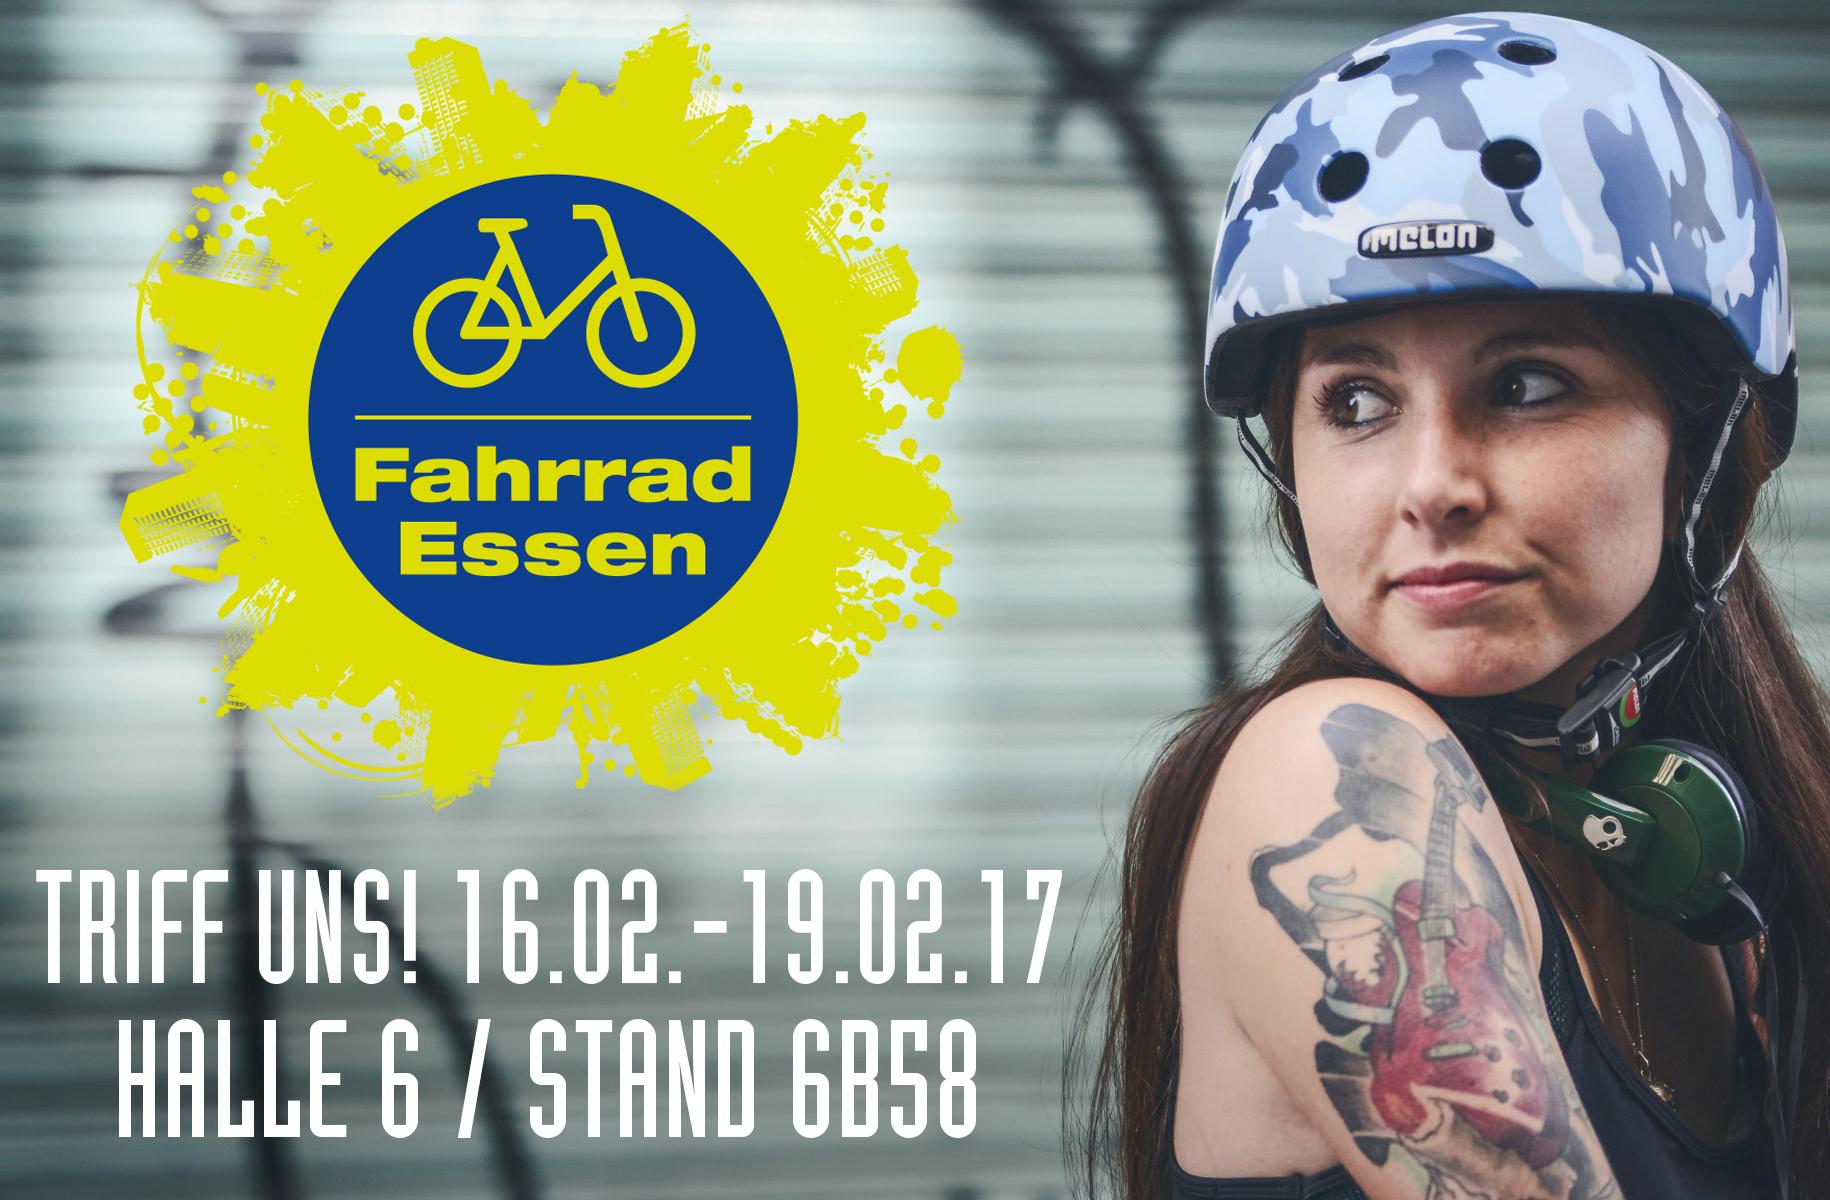 Fahrrad Essen 2017 Meet Melon